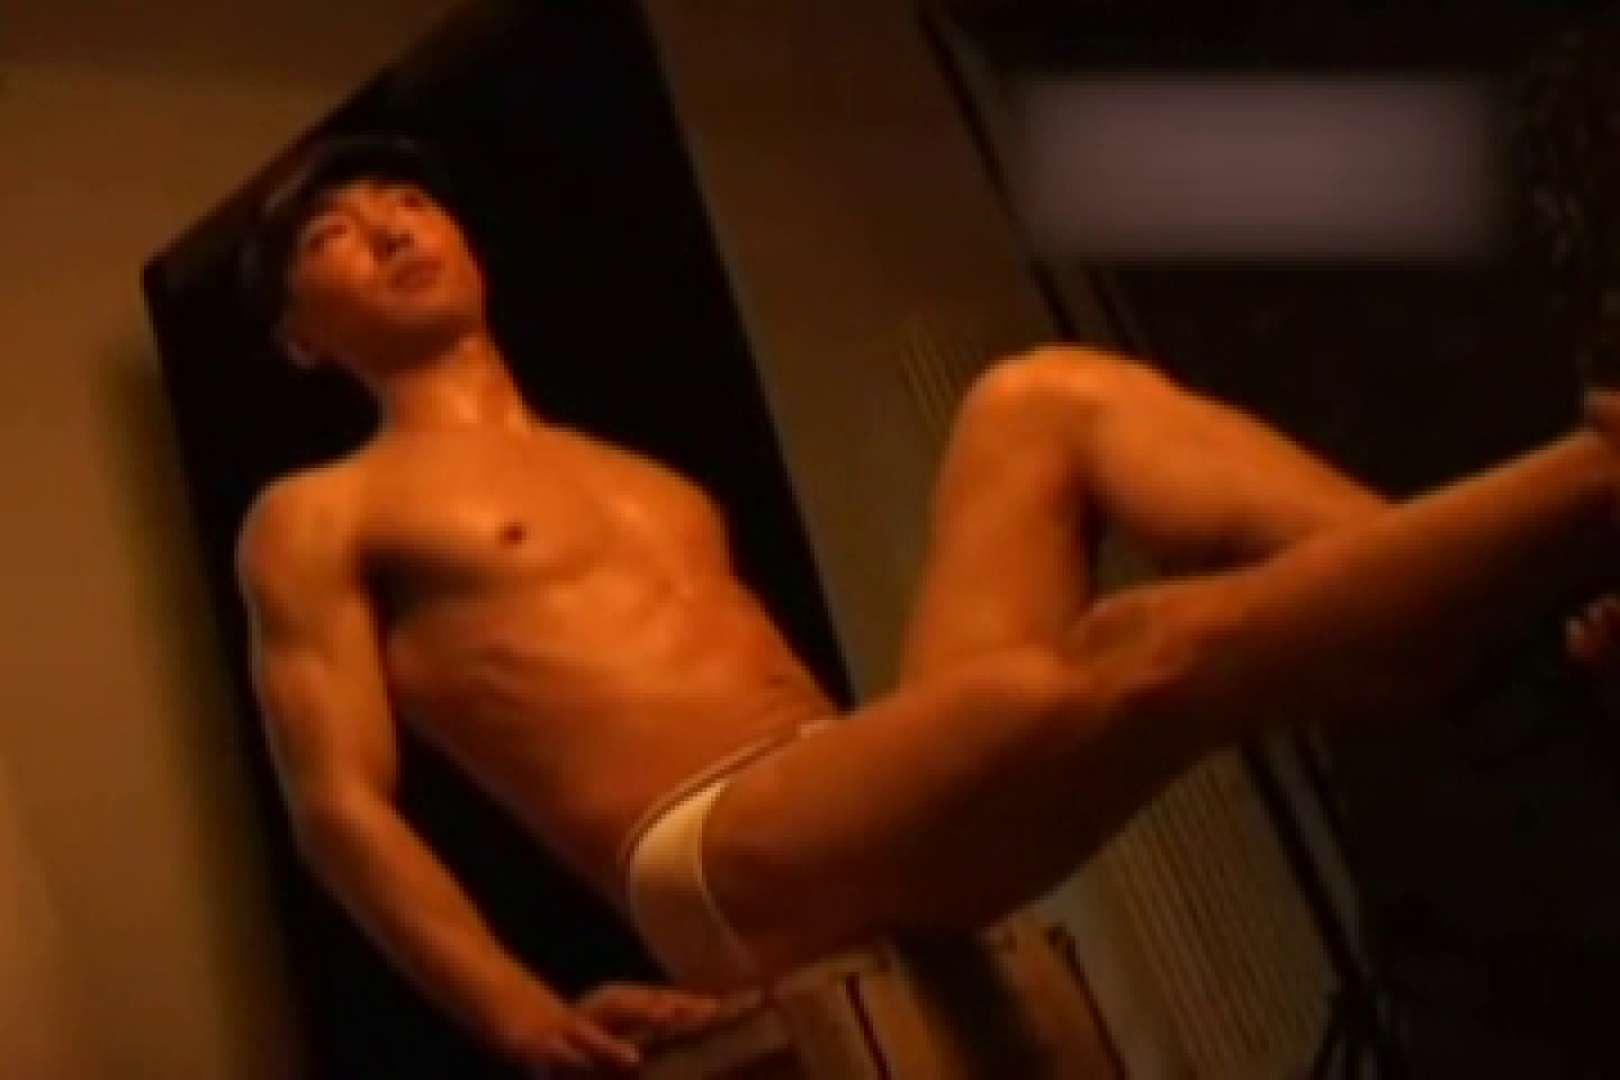 流出!!メンズスーパーモデル達のヌードinChina vol3 イケメンたち ゲイSEX画像 110枚 7